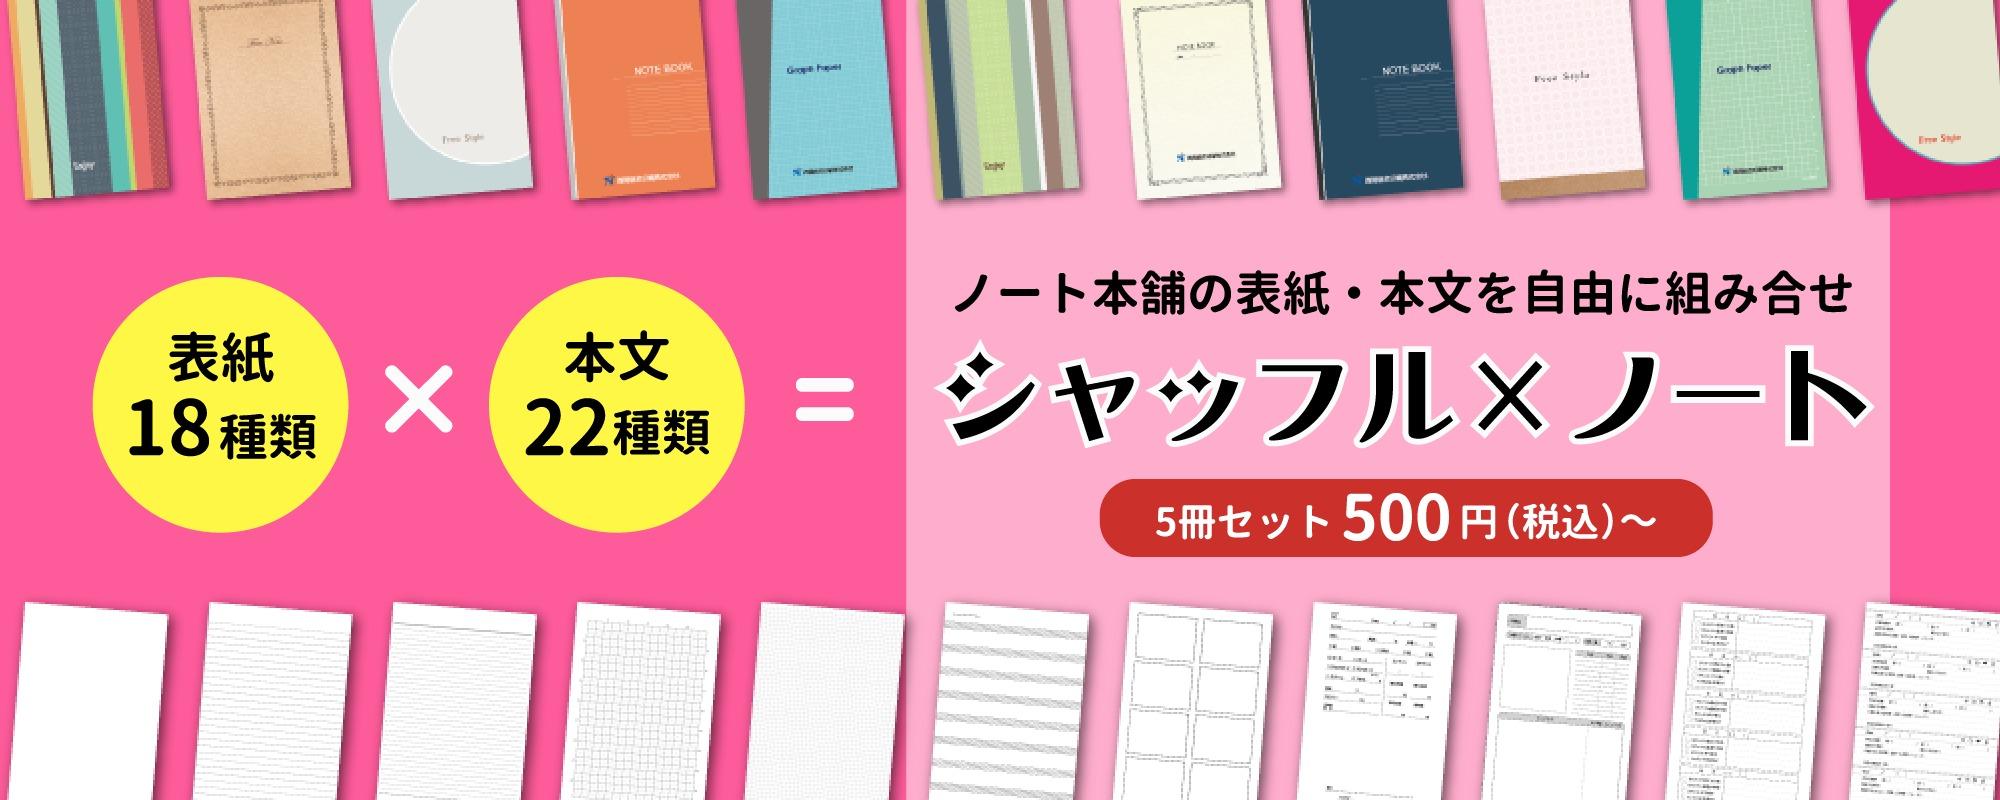 ノート本舗で用意した本文罫線と表紙デザインを自由に組み合わせてノートが作れます